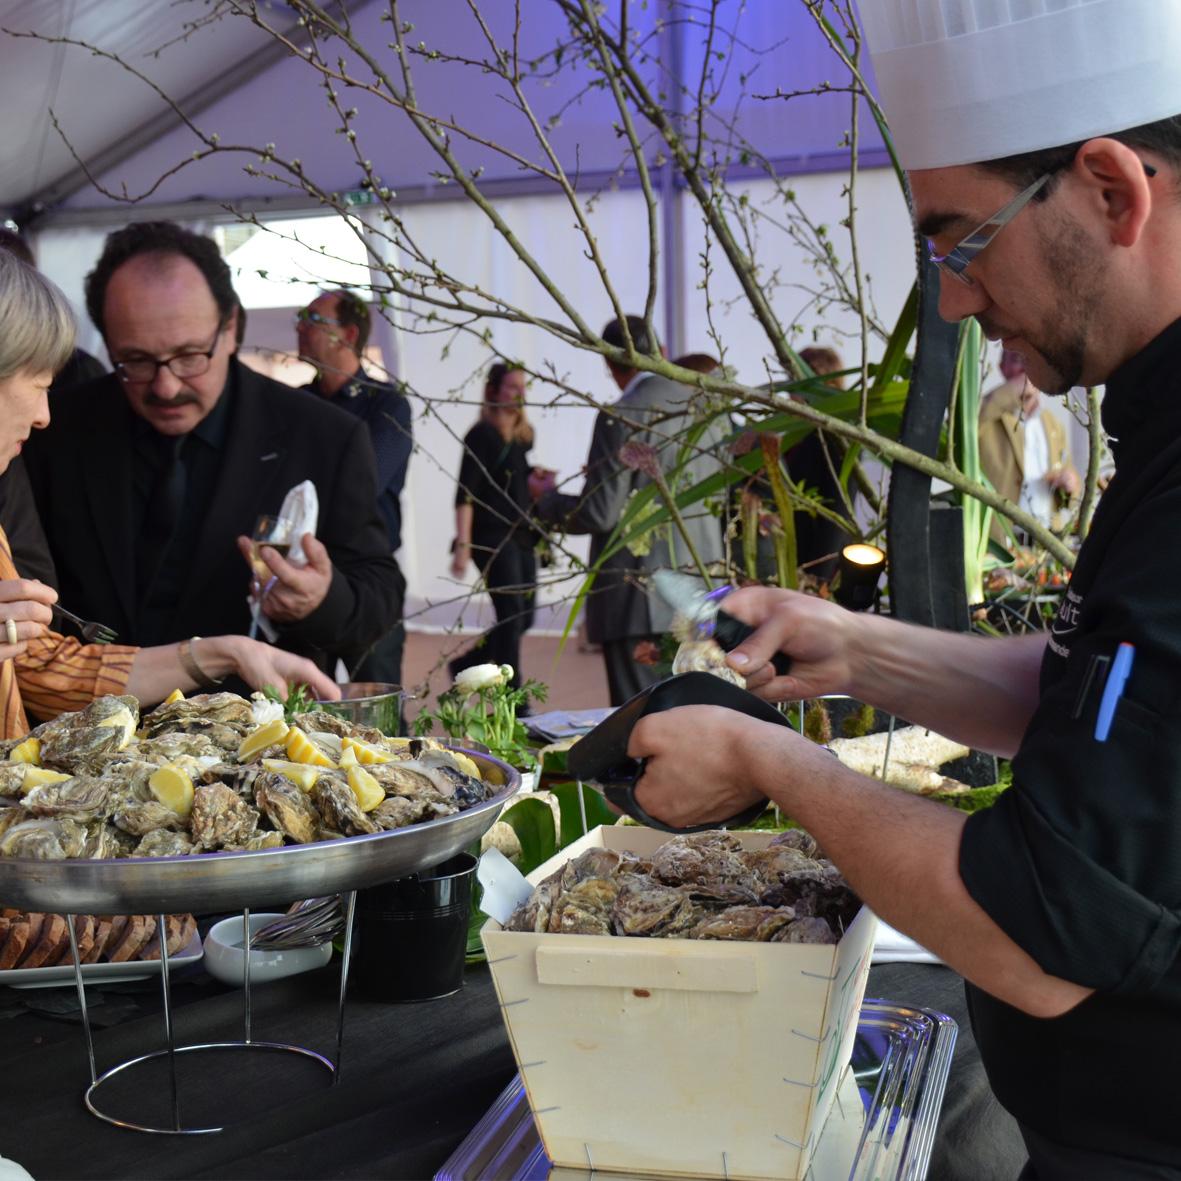 Atelier De La Cuisine Nantes atelier cuisine - animation culinaire nantes - rennes